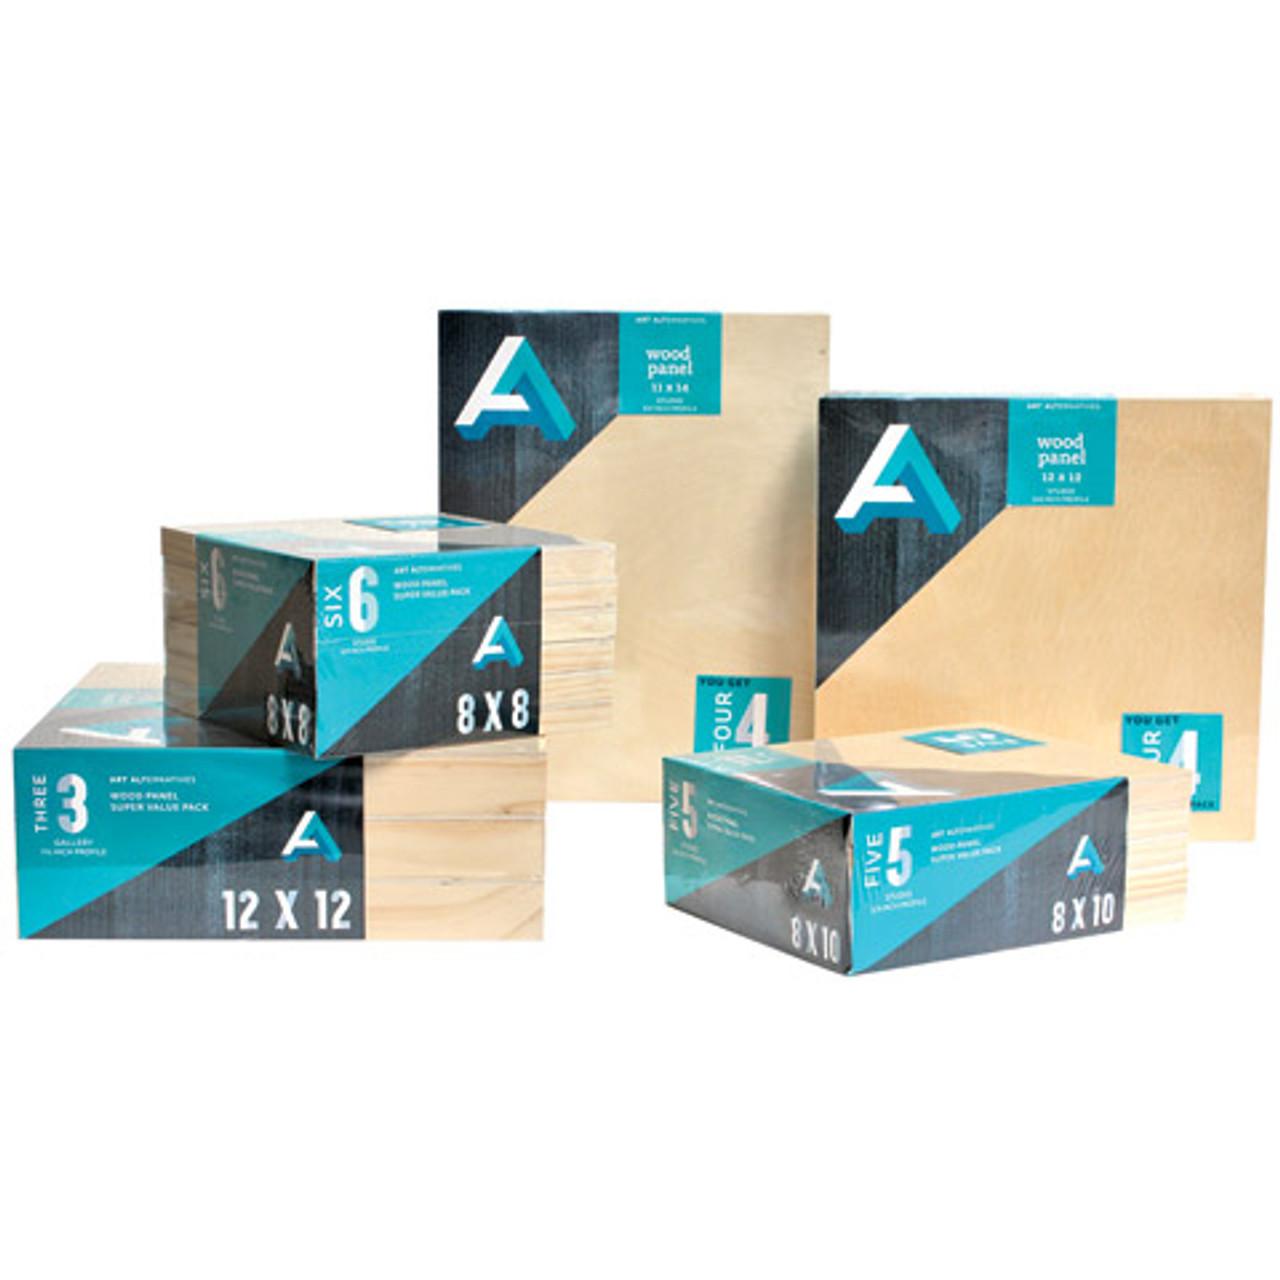 Wood Panel Super Value 5-Pack Cradled 8x10